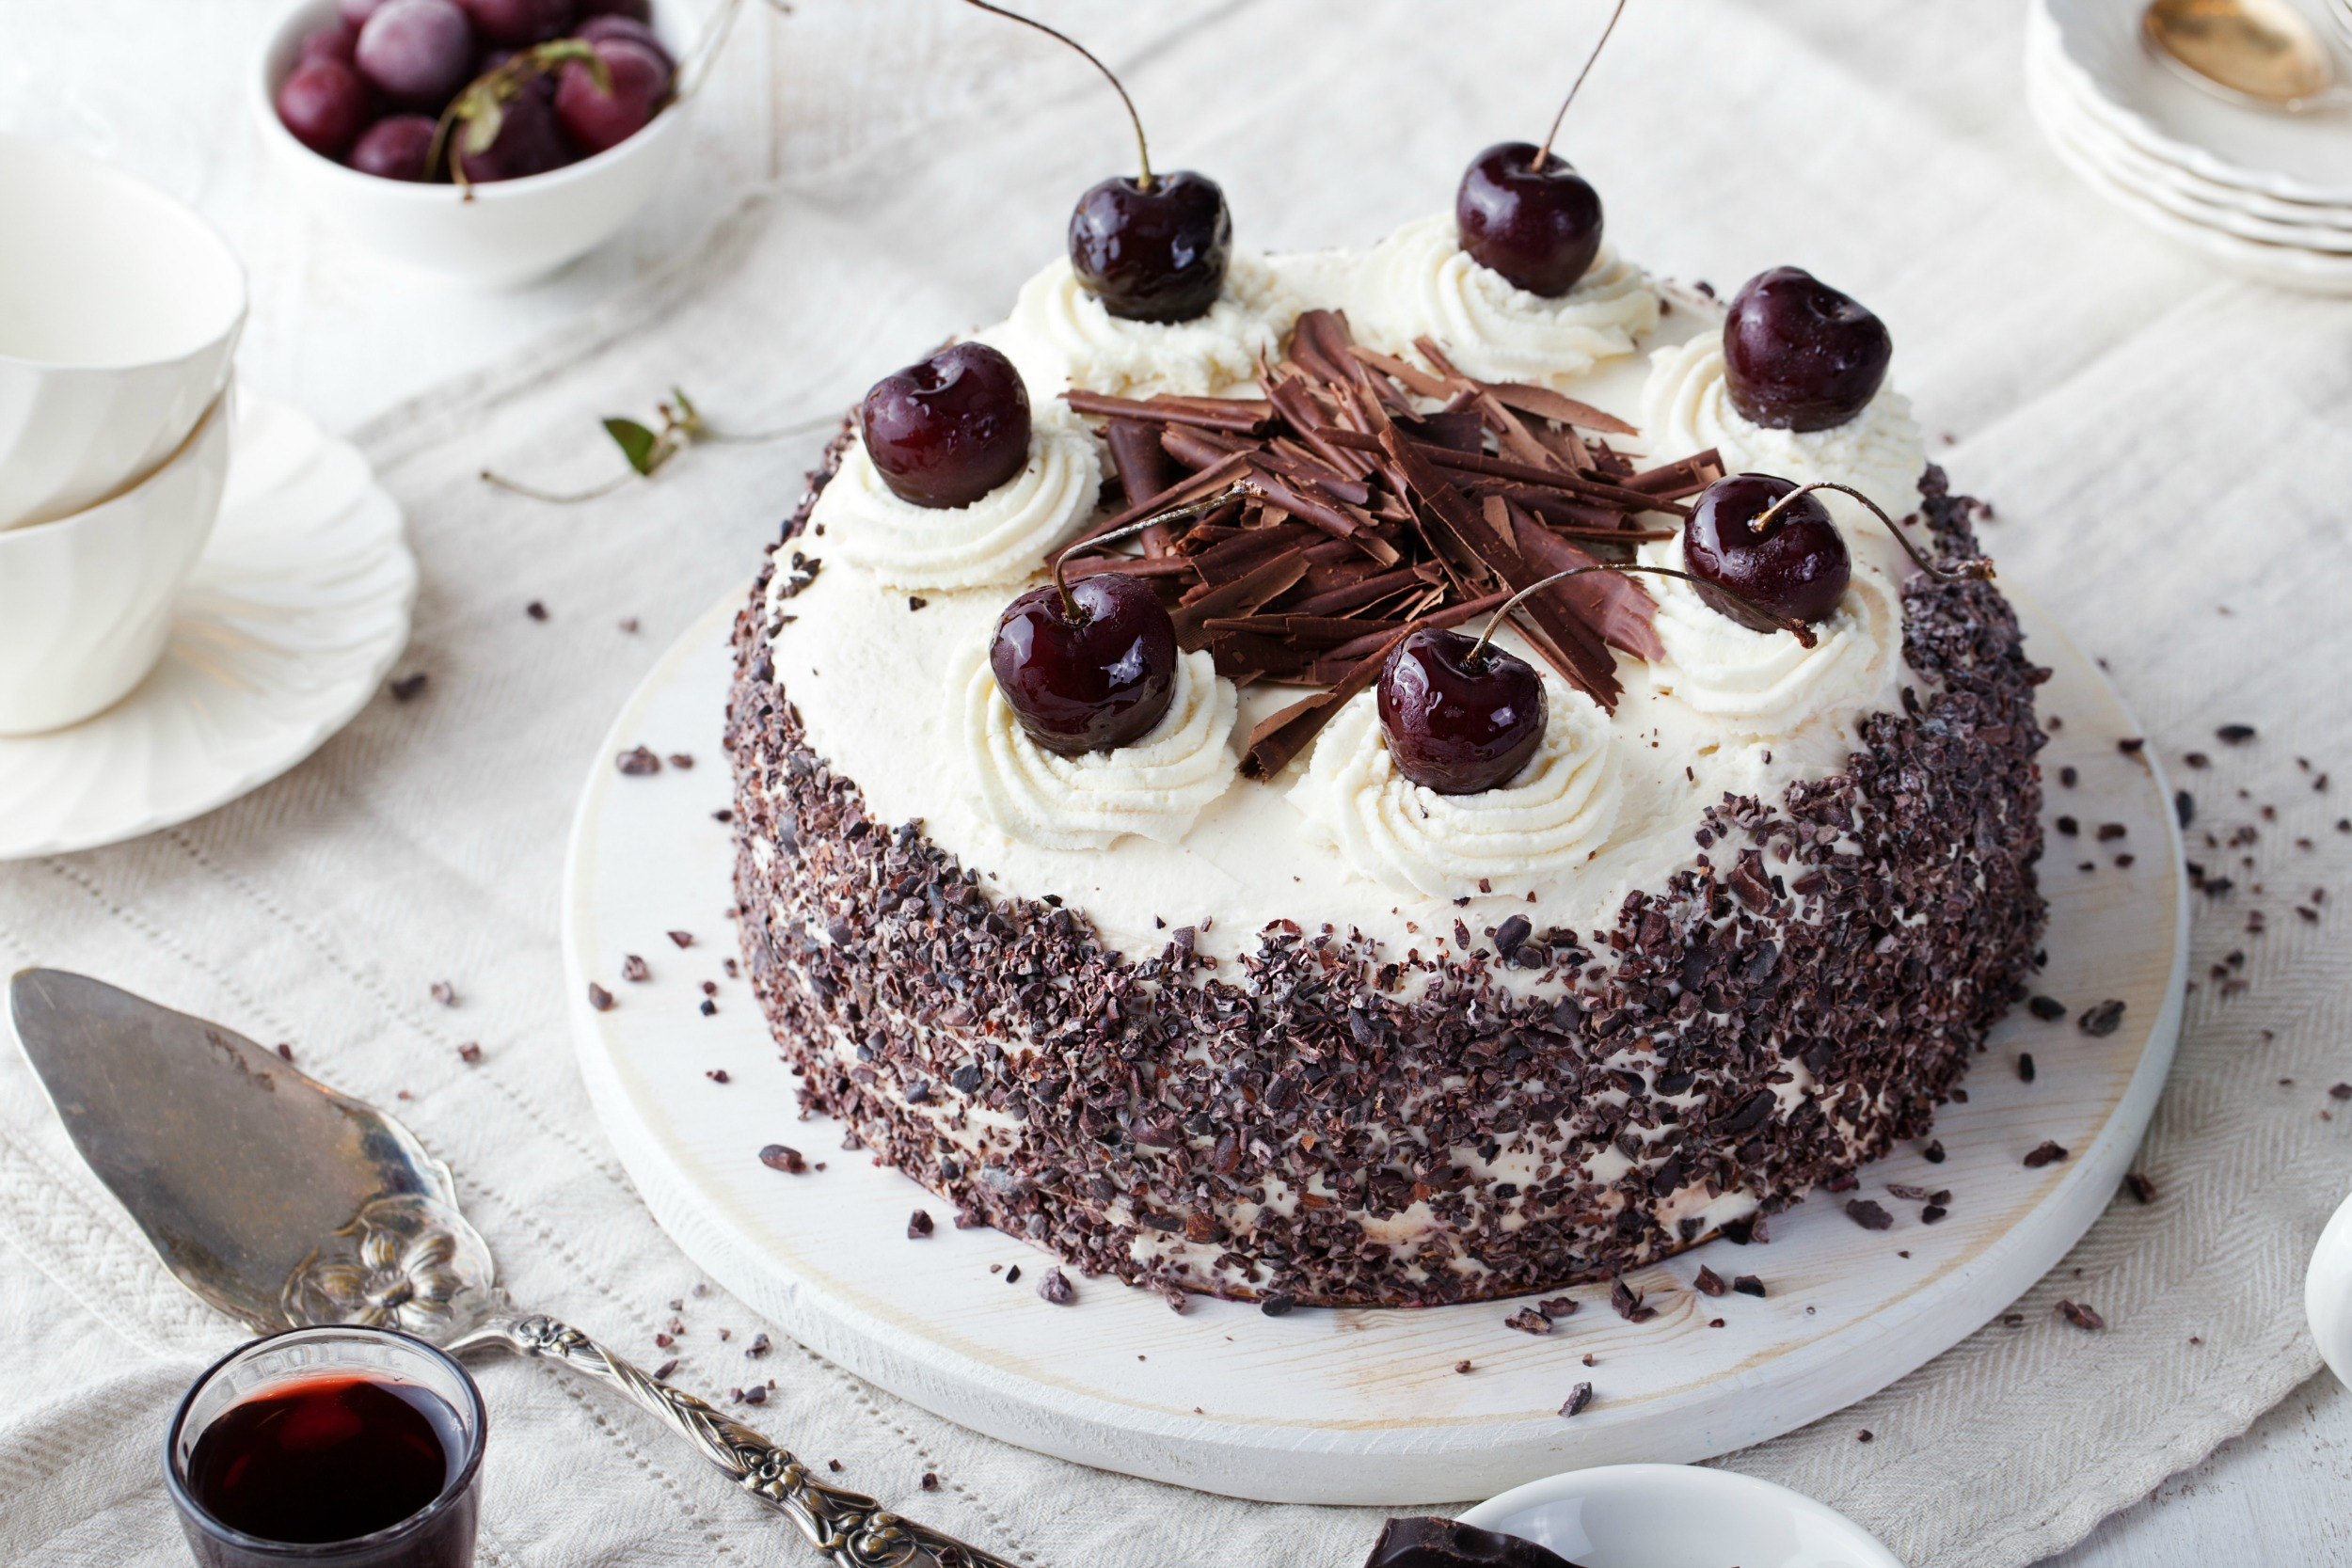 52 Delicious Dessert Ideas